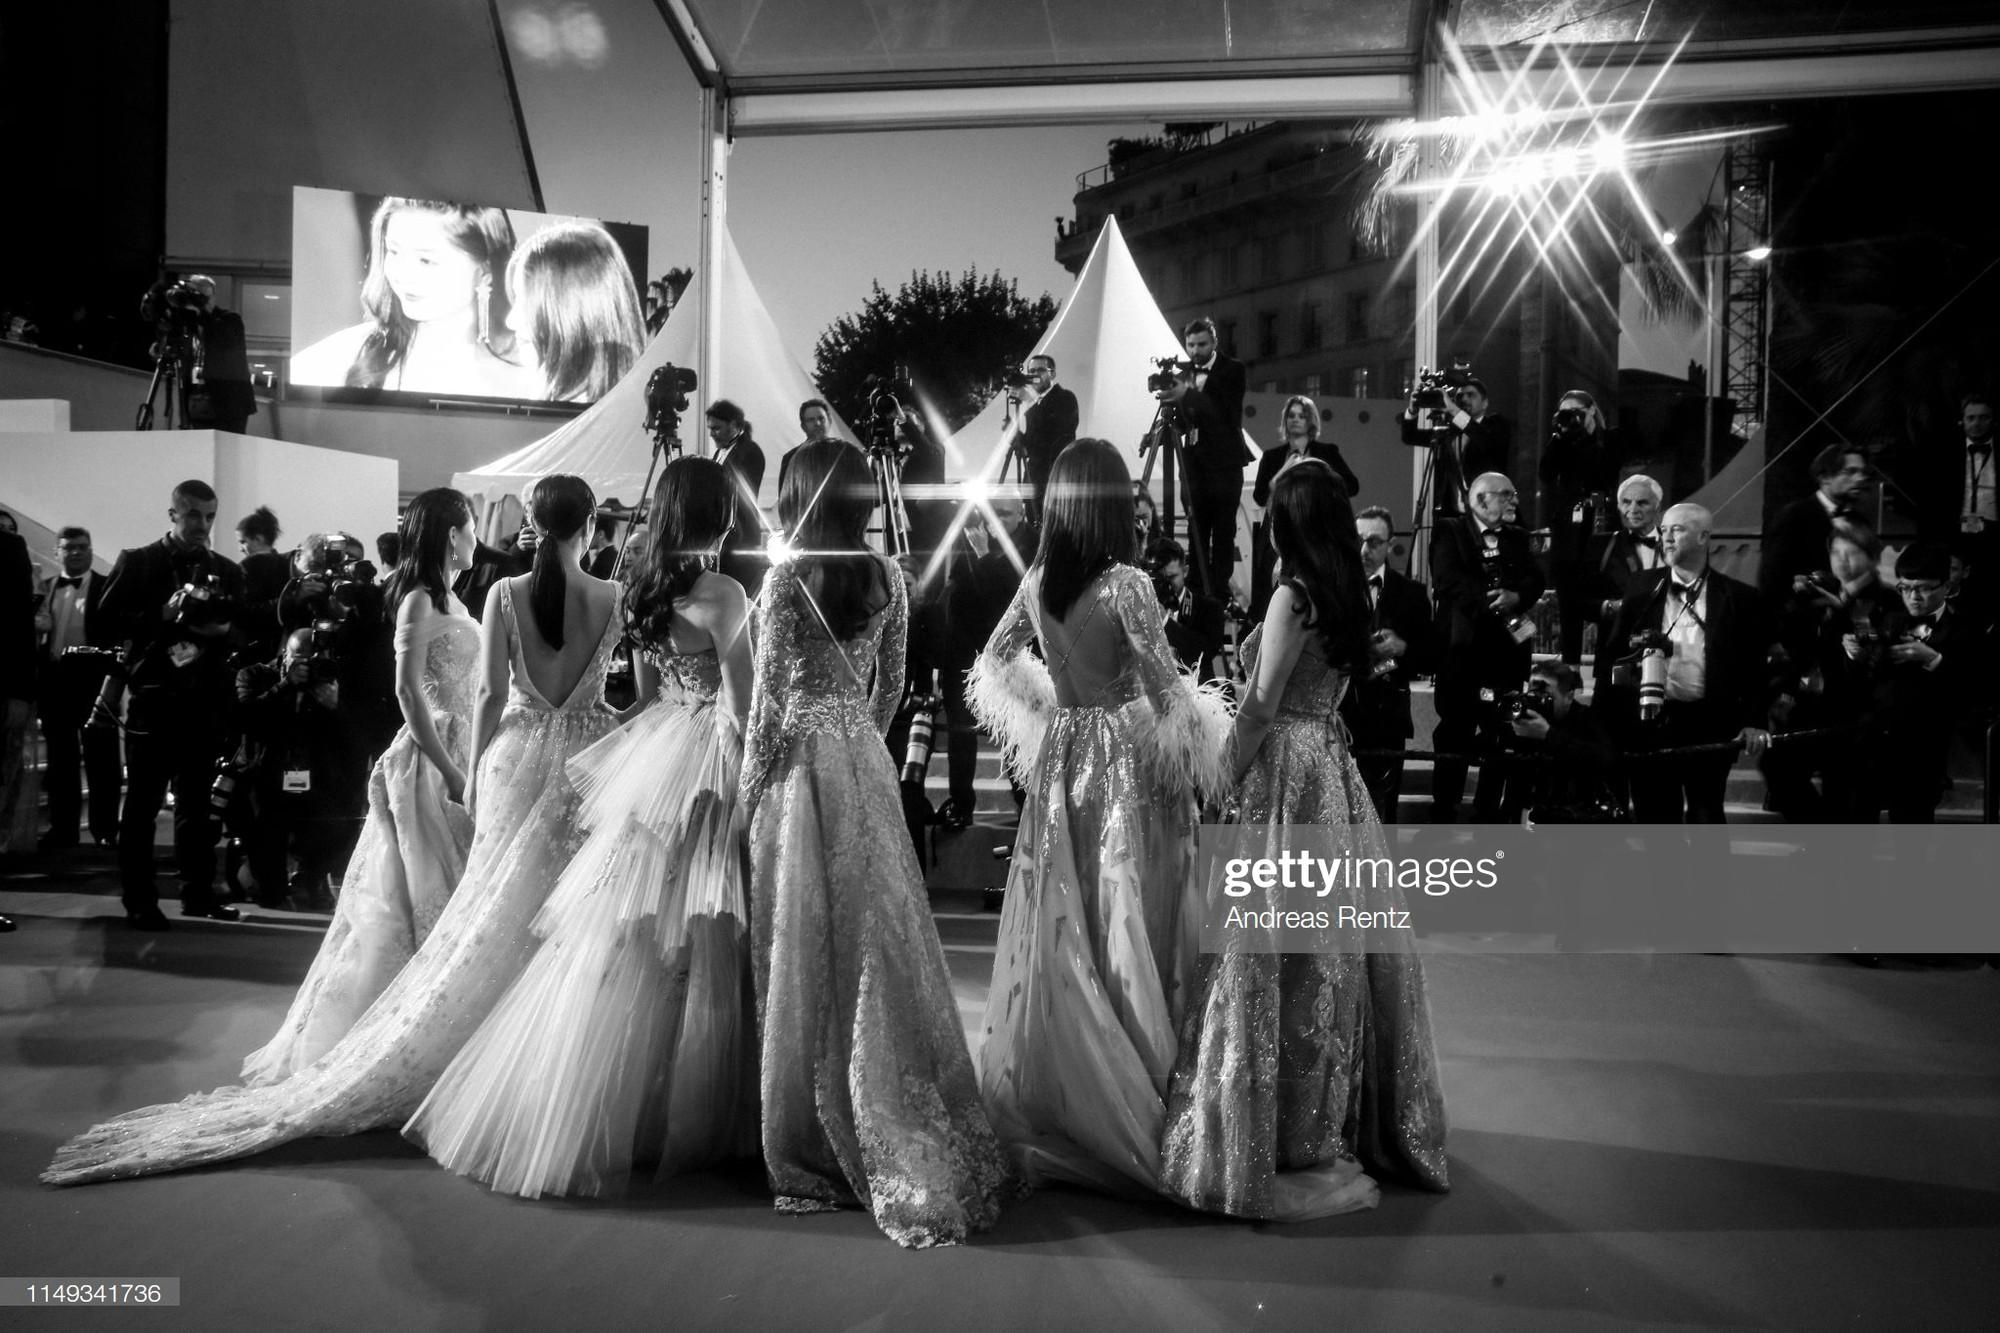 Top khoảnh khắc đắt giá nhất Cannes 2019: Dàn mỹ nhân 9X bất ngờ chiếm đa số, Selena và cặp đôi Brooklyn ấn tượng mạnh - Ảnh 21.